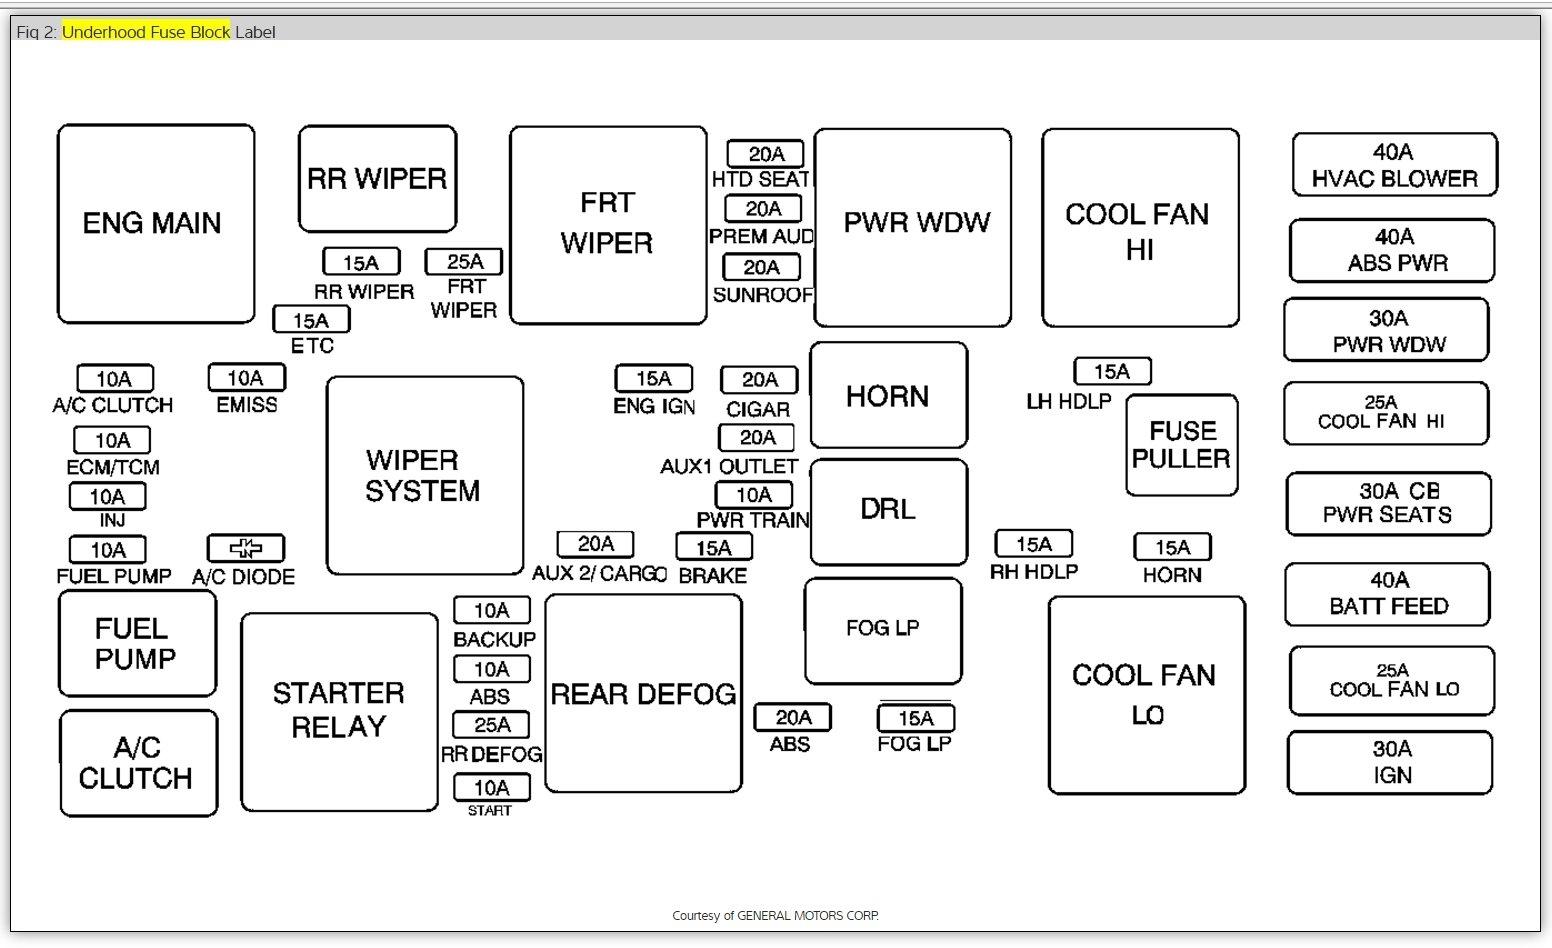 2005 silverado fuse box diagram engine